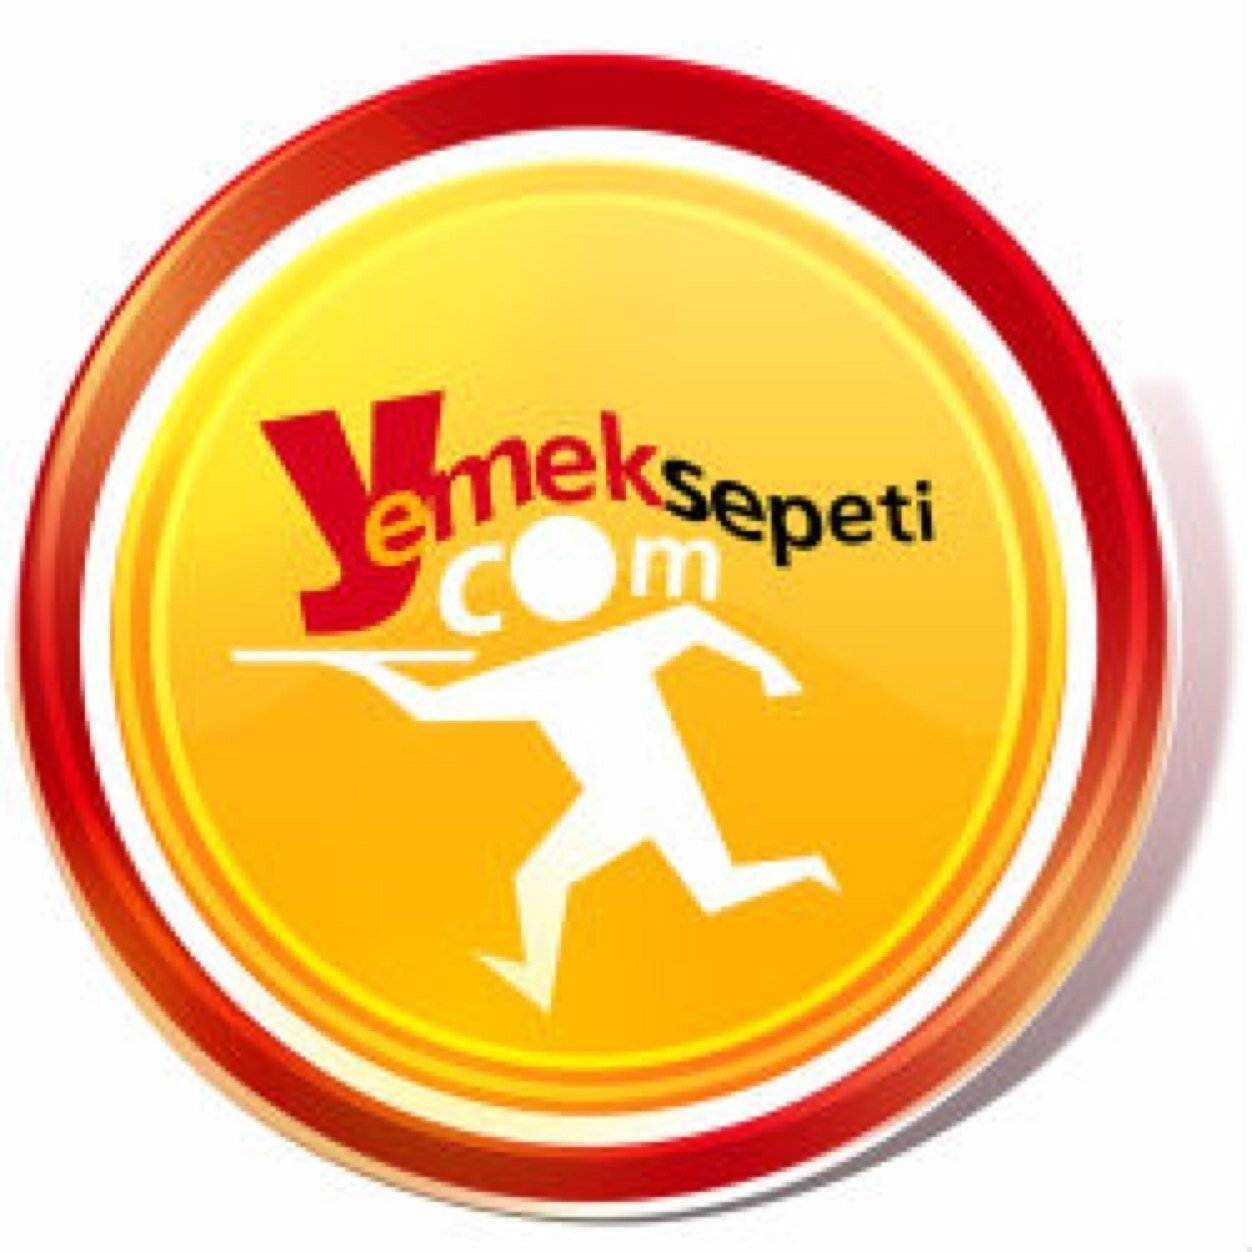 Yemeksepeti.com